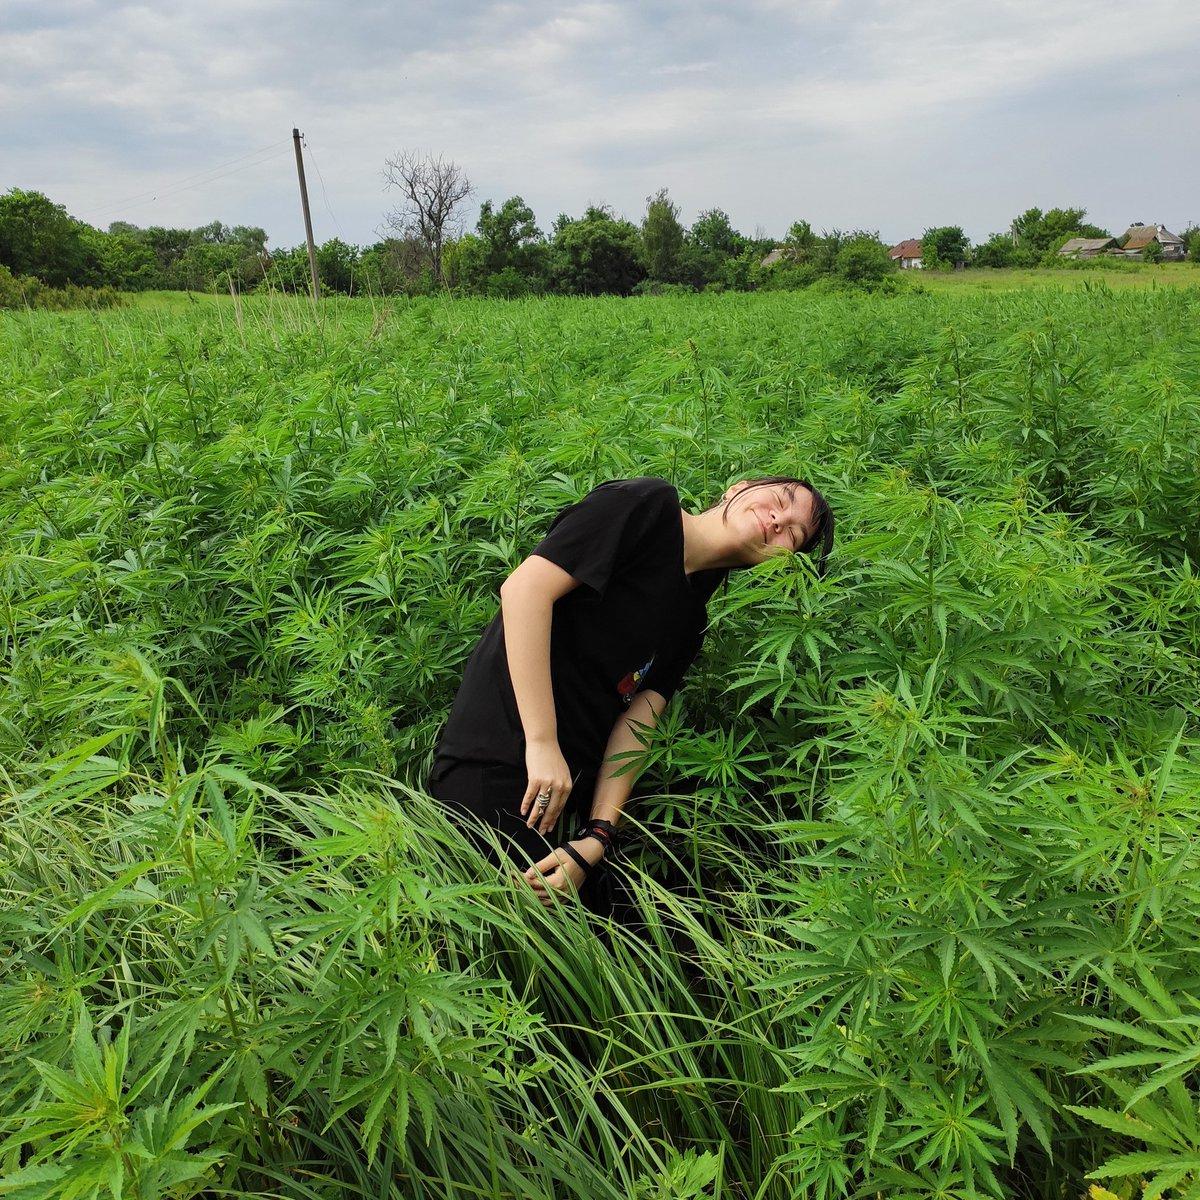 Выйду в поле конопли марихуана плюсы минусы